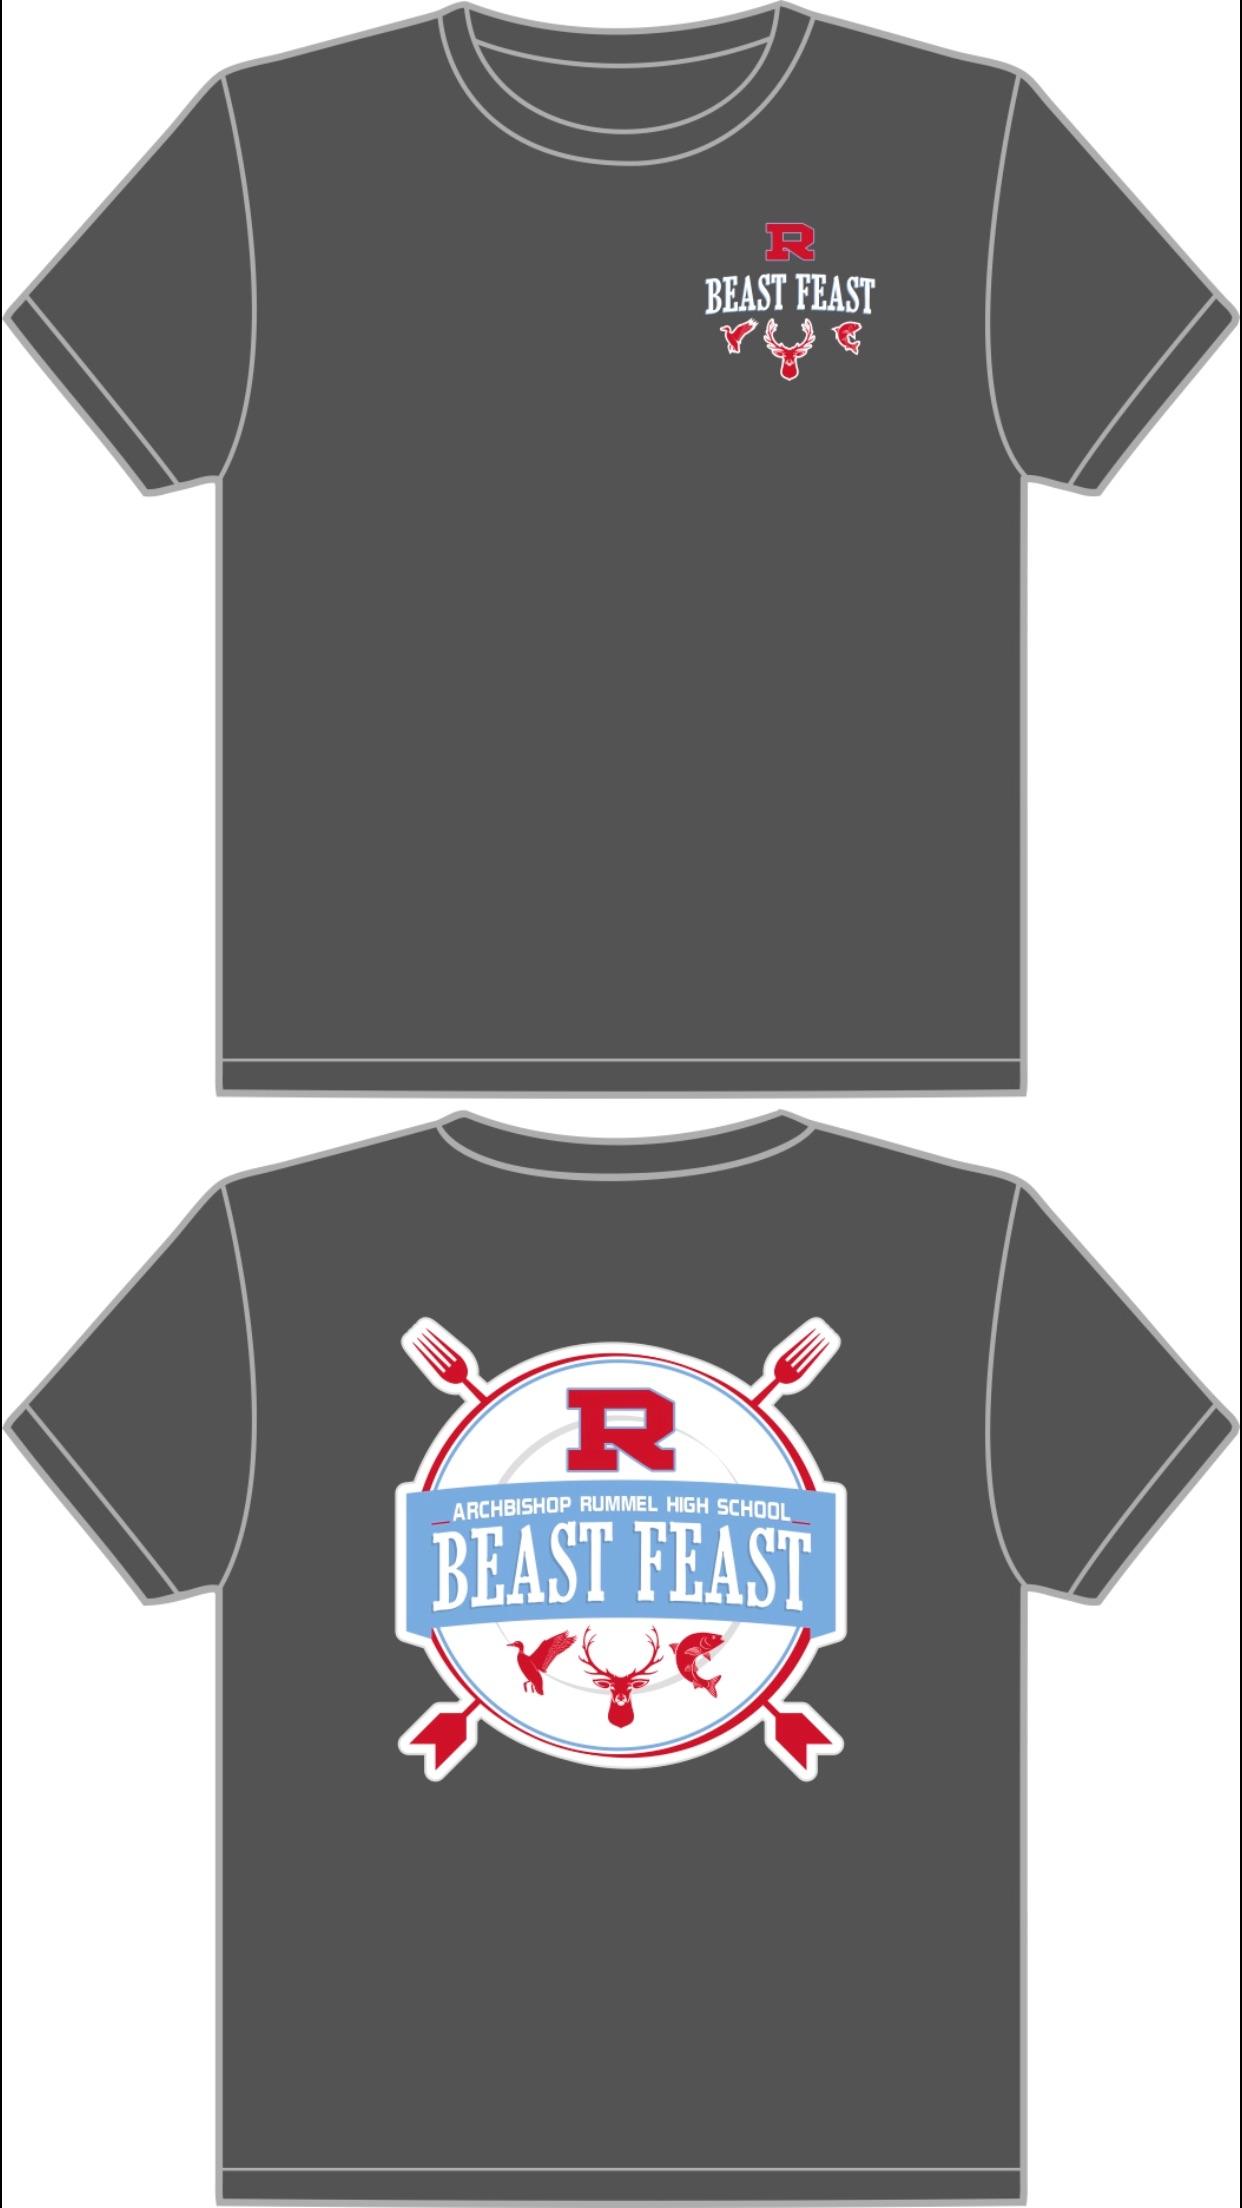 2018 Beast Feast T-shirt